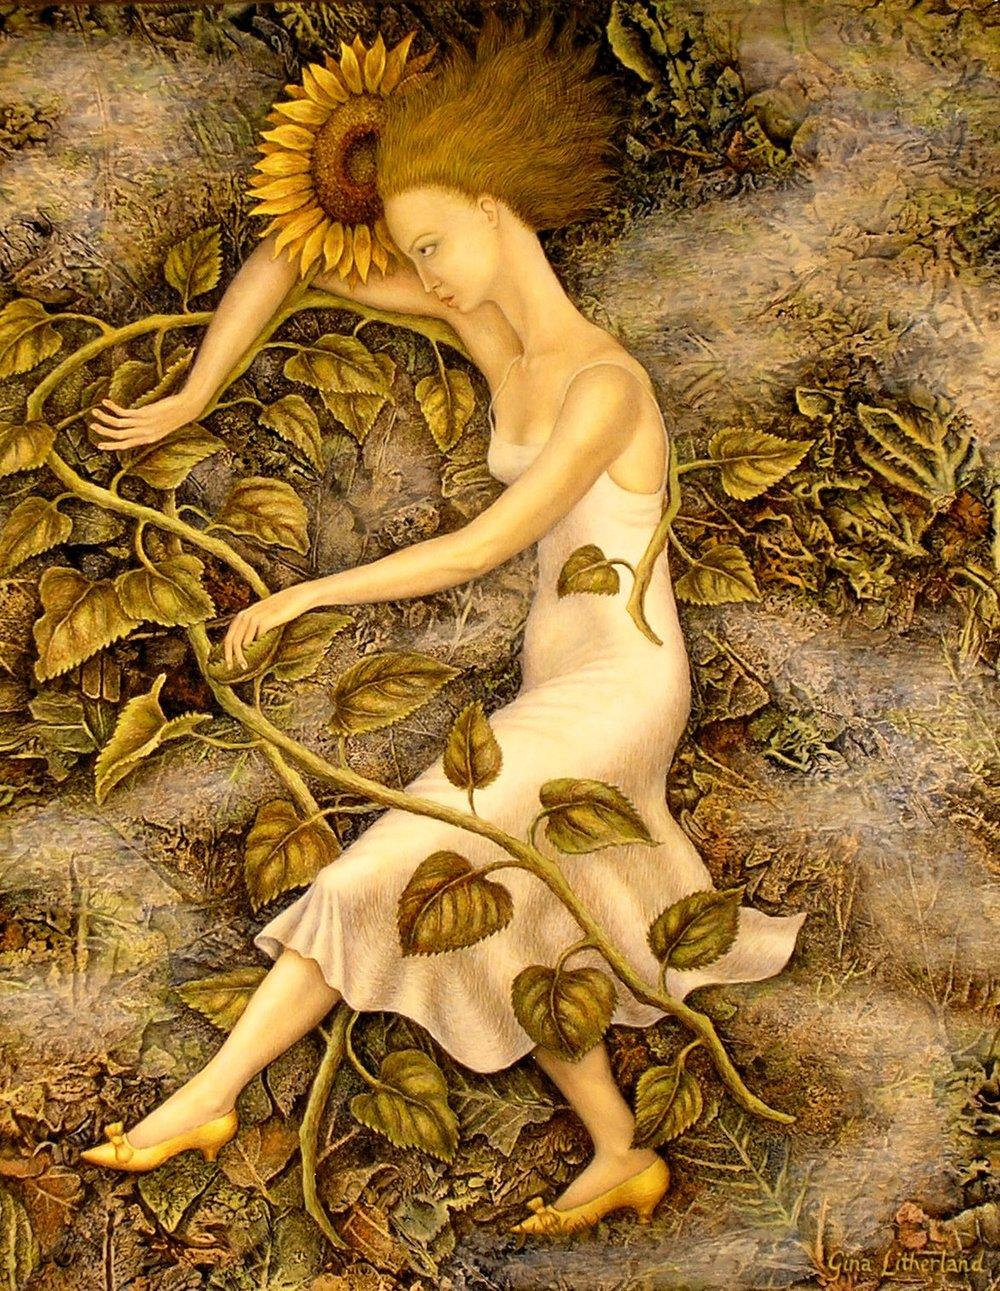 Sunflower Tango, 2003